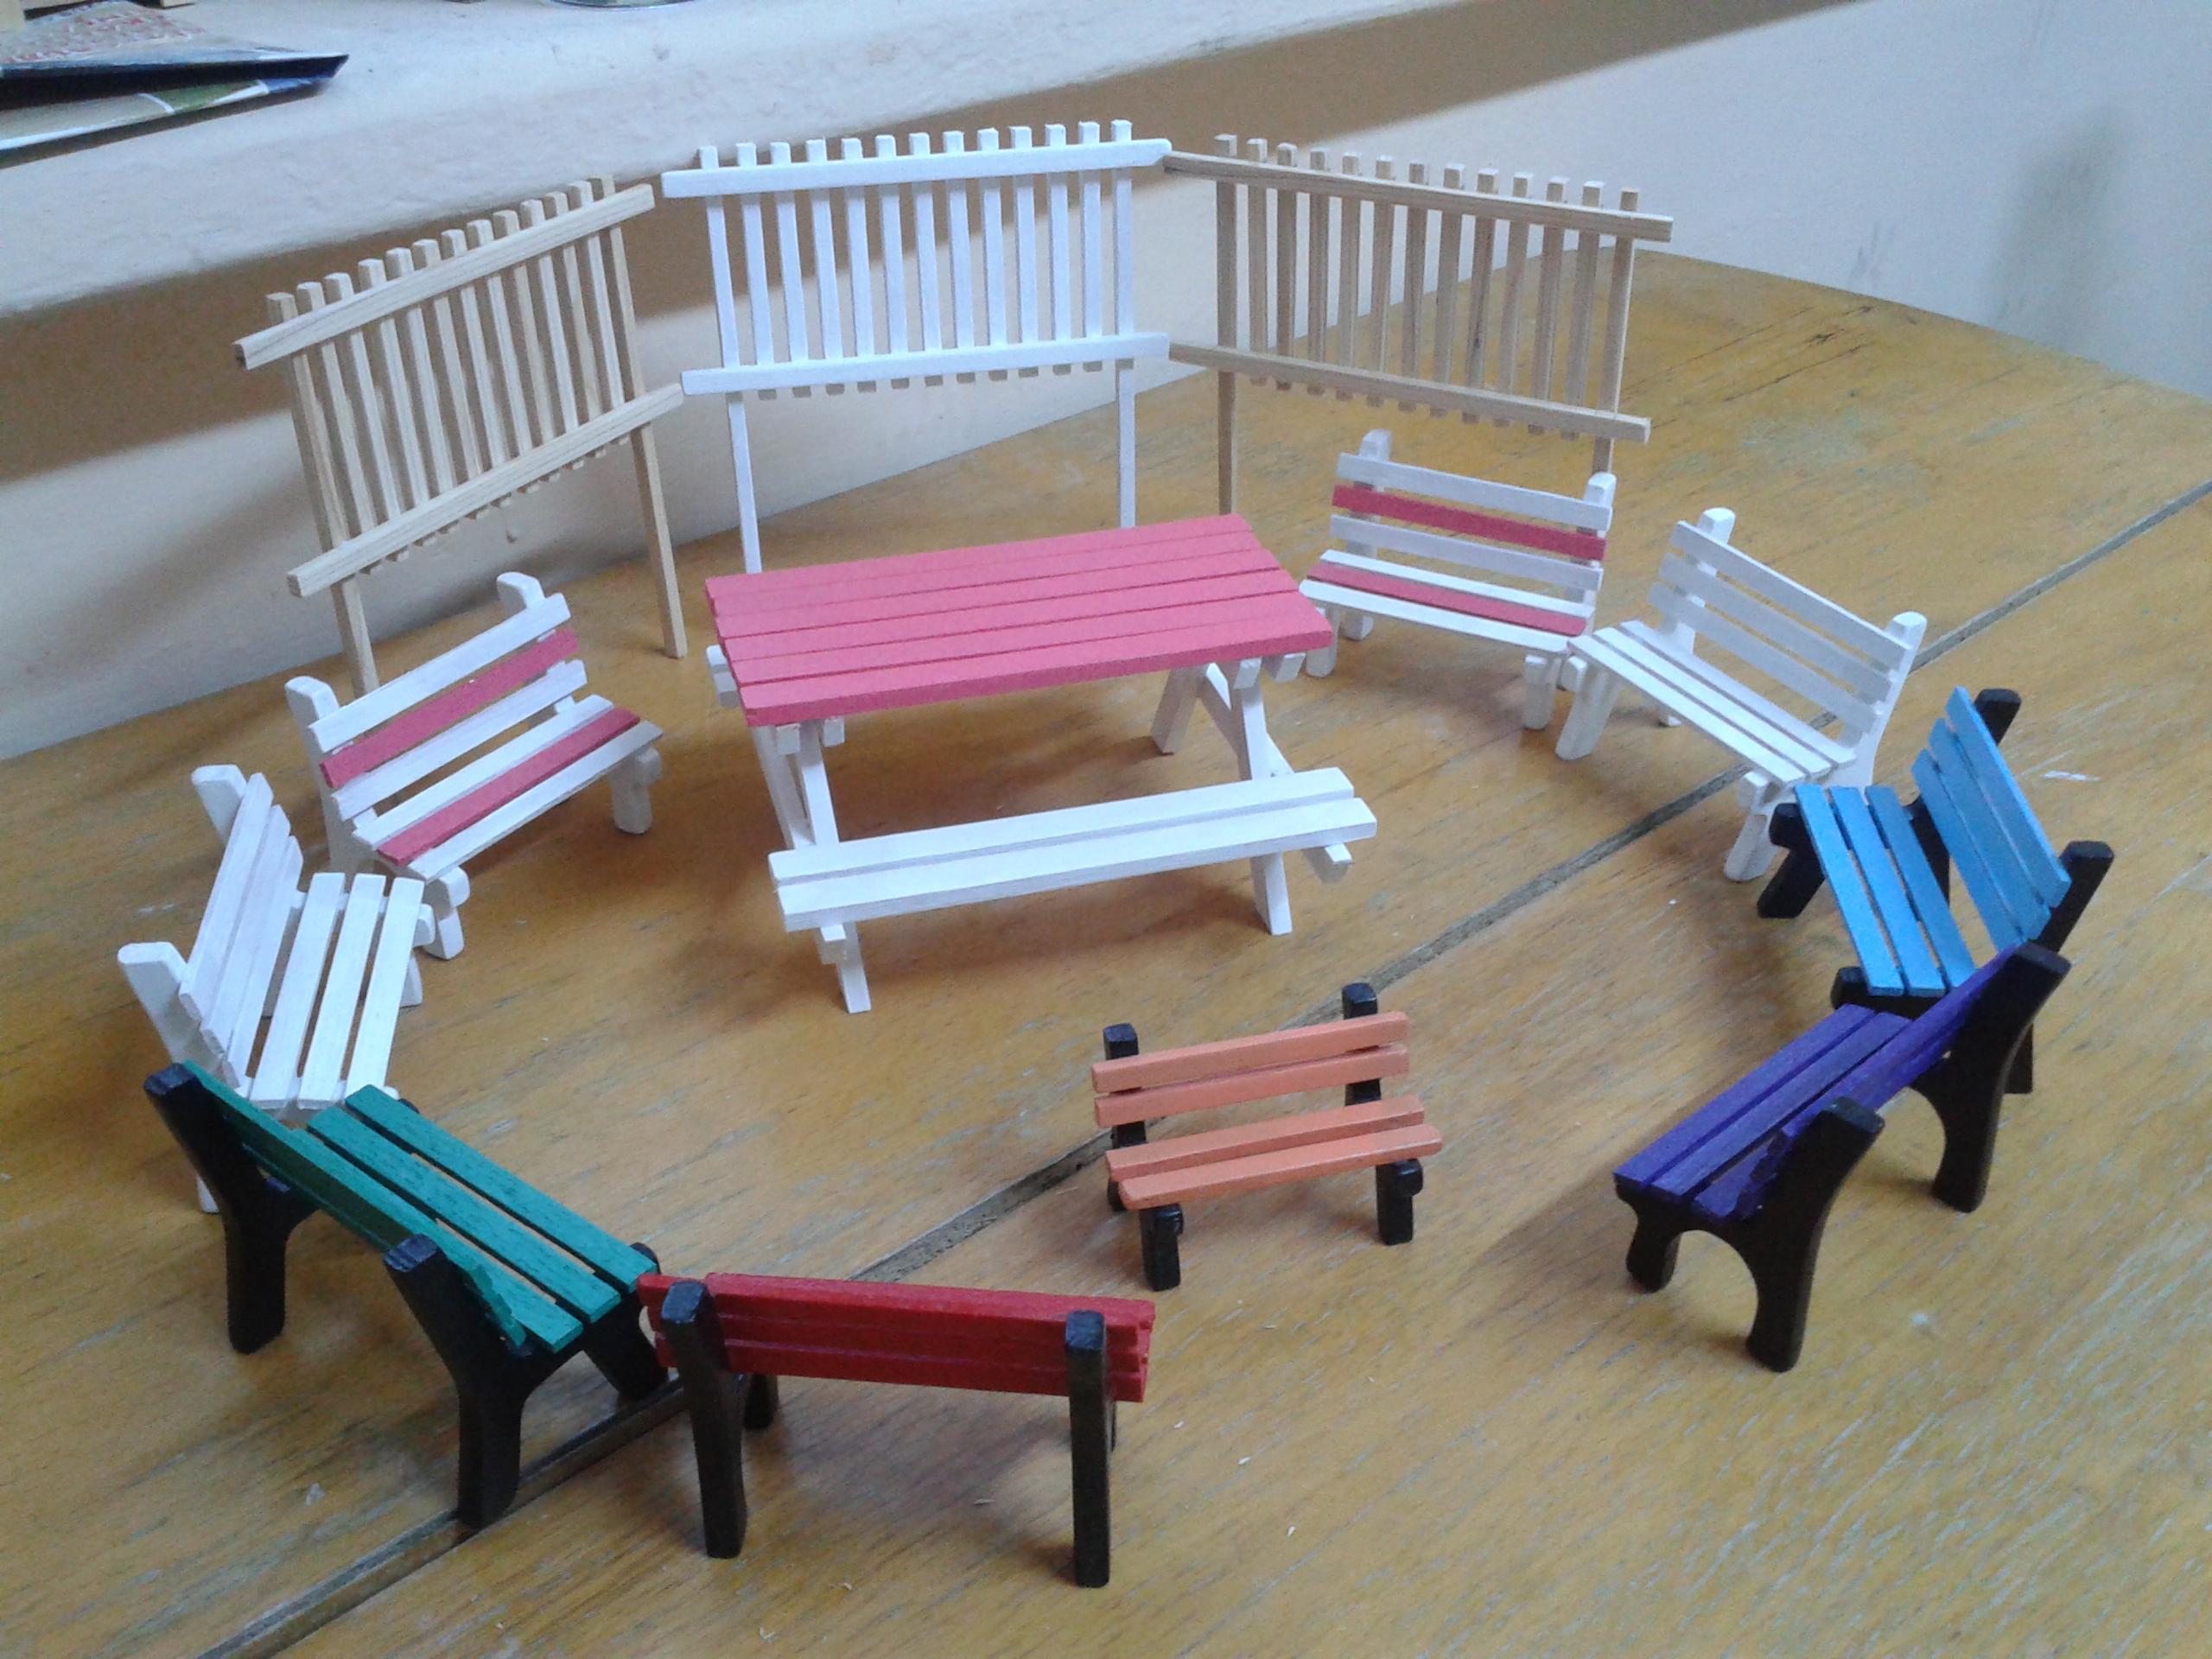 Minyatür Hobi Bahçesi Aksesuarlari El Yapımı Minyatür Ahşap Eşyalar